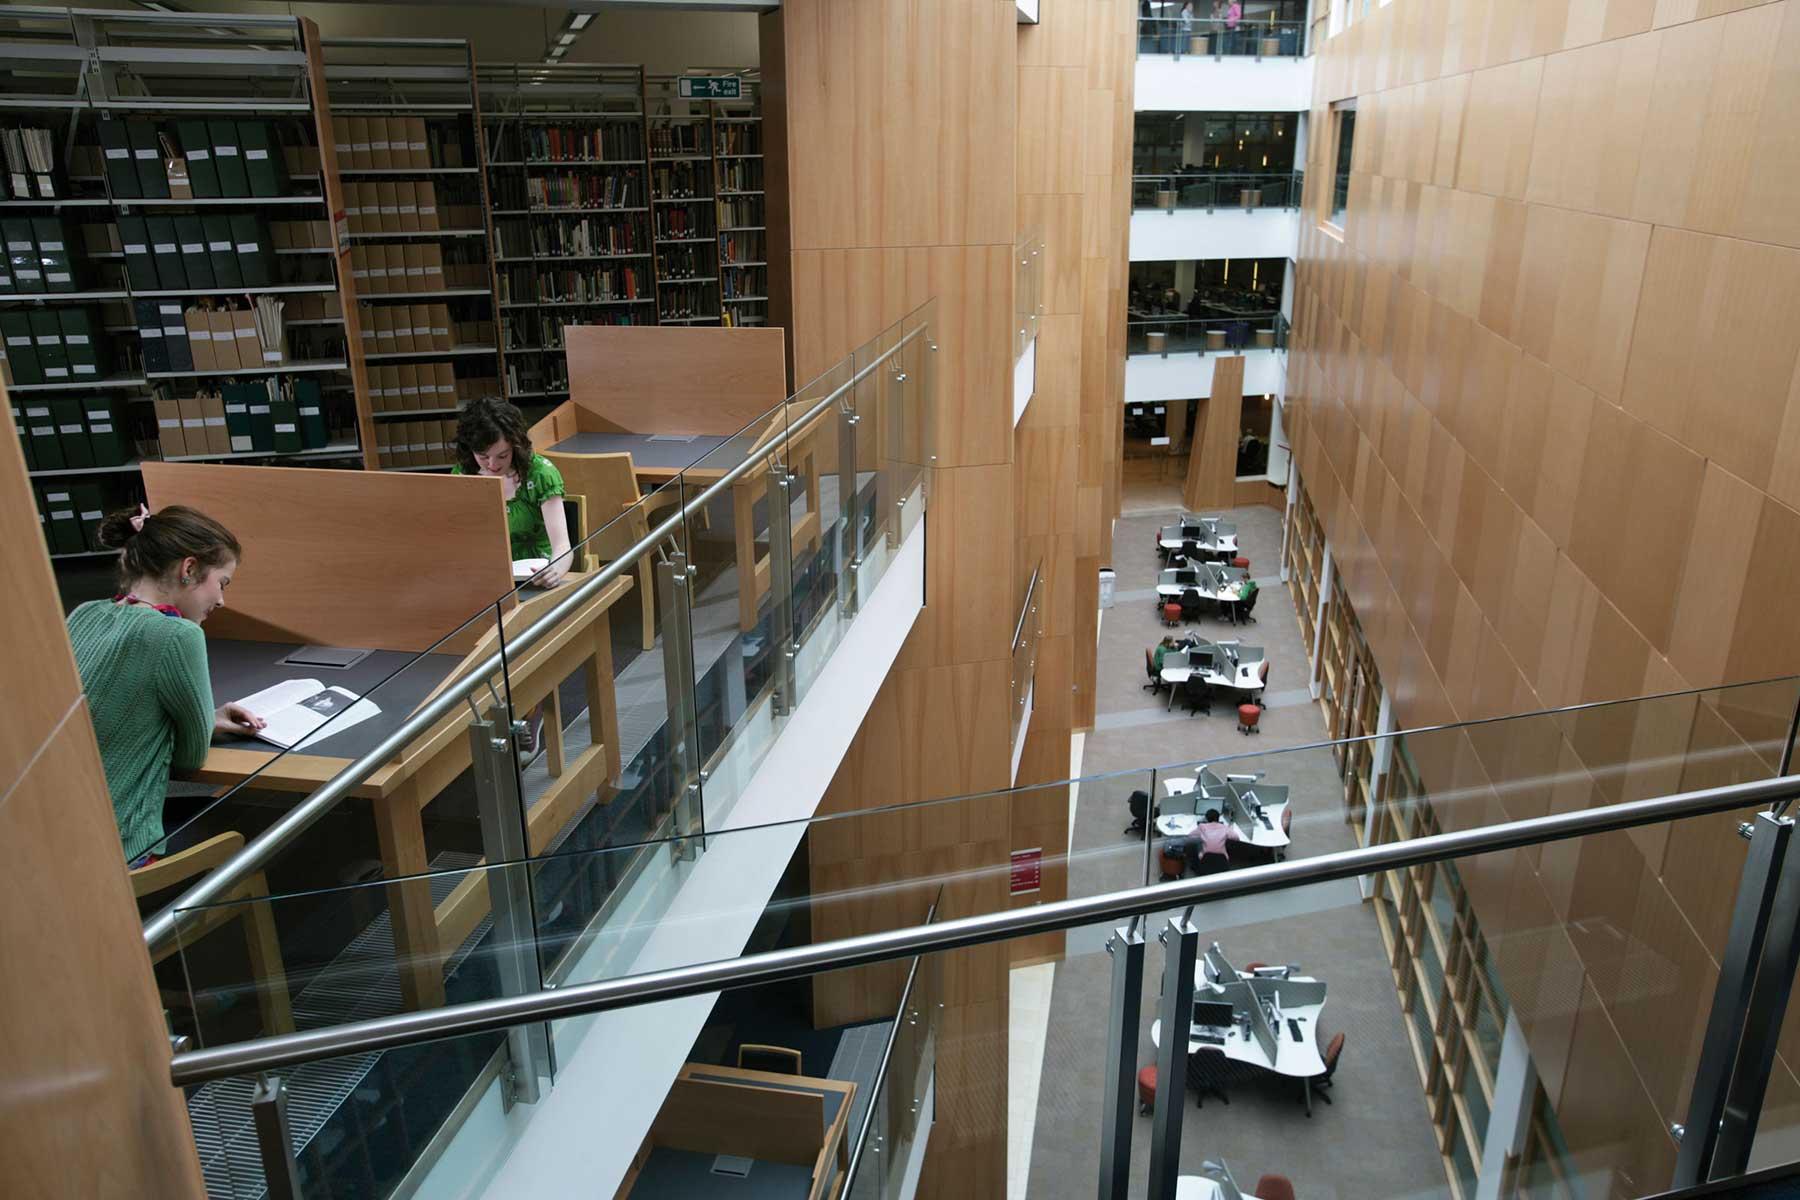 أماكن للدراسة هادئة ومنعزلة في مكتبة ماكلاي